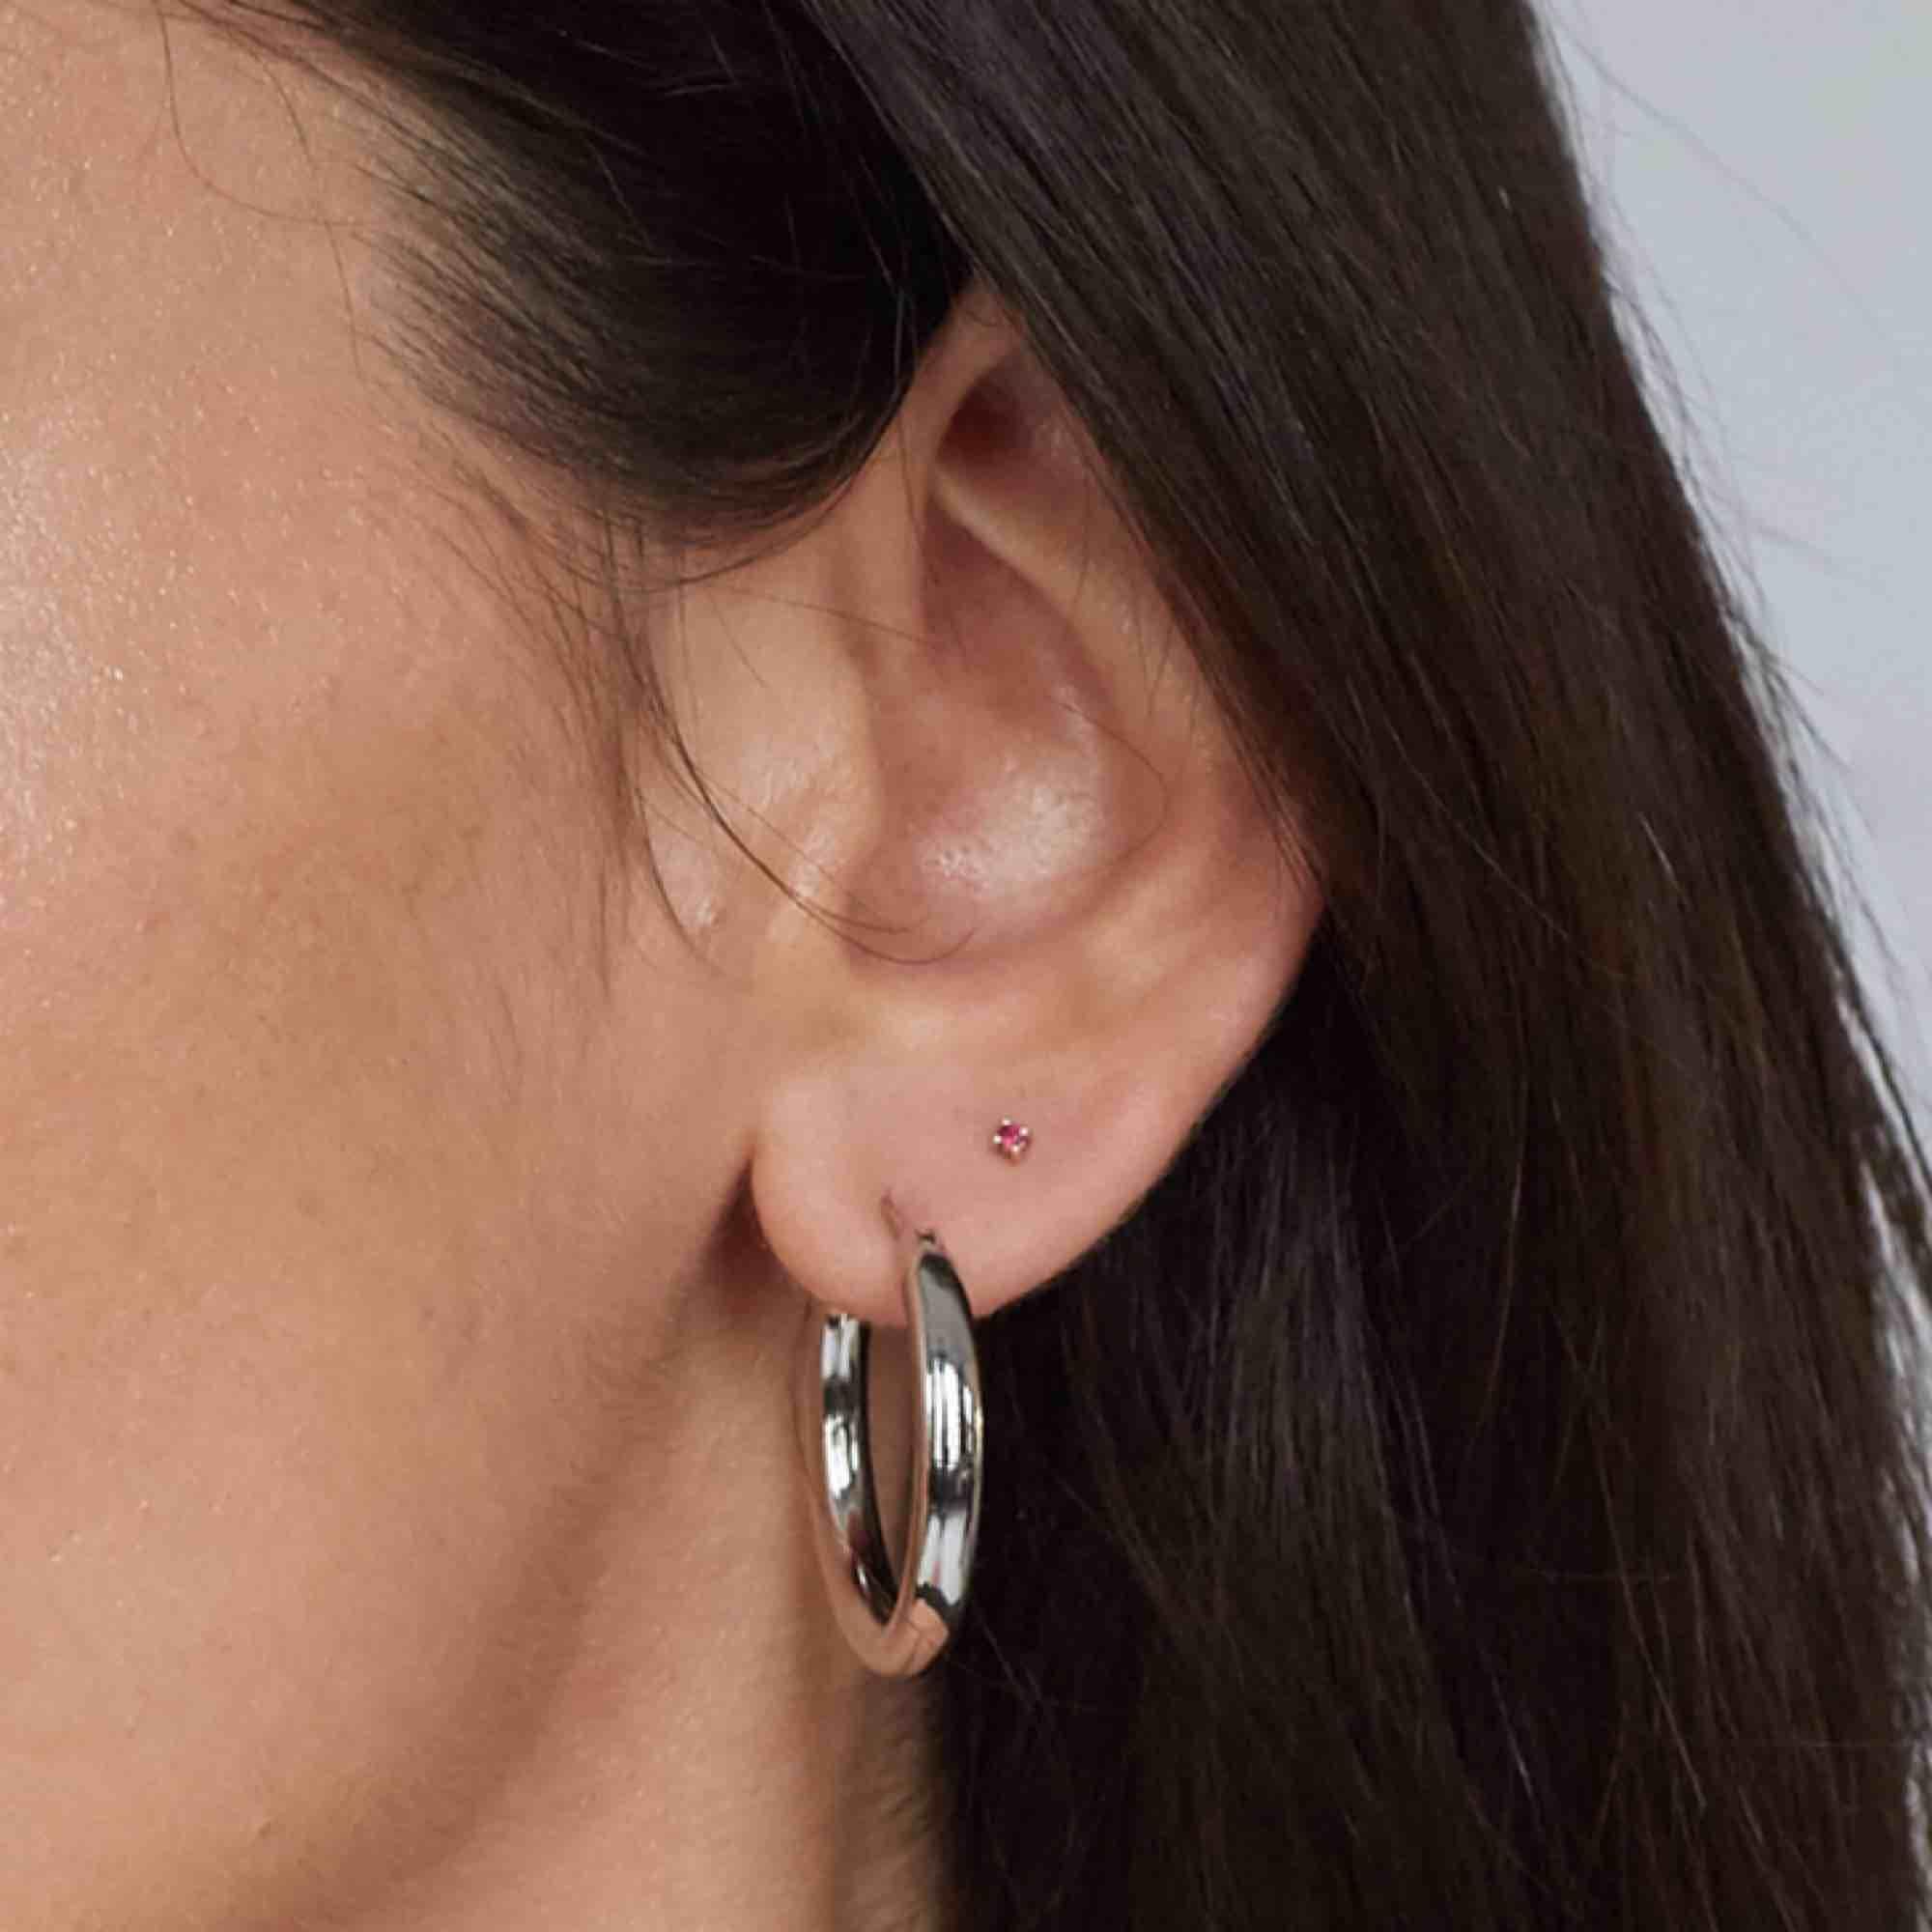 Populära chunky silver örhängen från Glitter, använda 2-3ggr,  så de är som nya! (även tvättade med handsprit) andra bilden är inte min men de ser ut så på. Accessoarer.